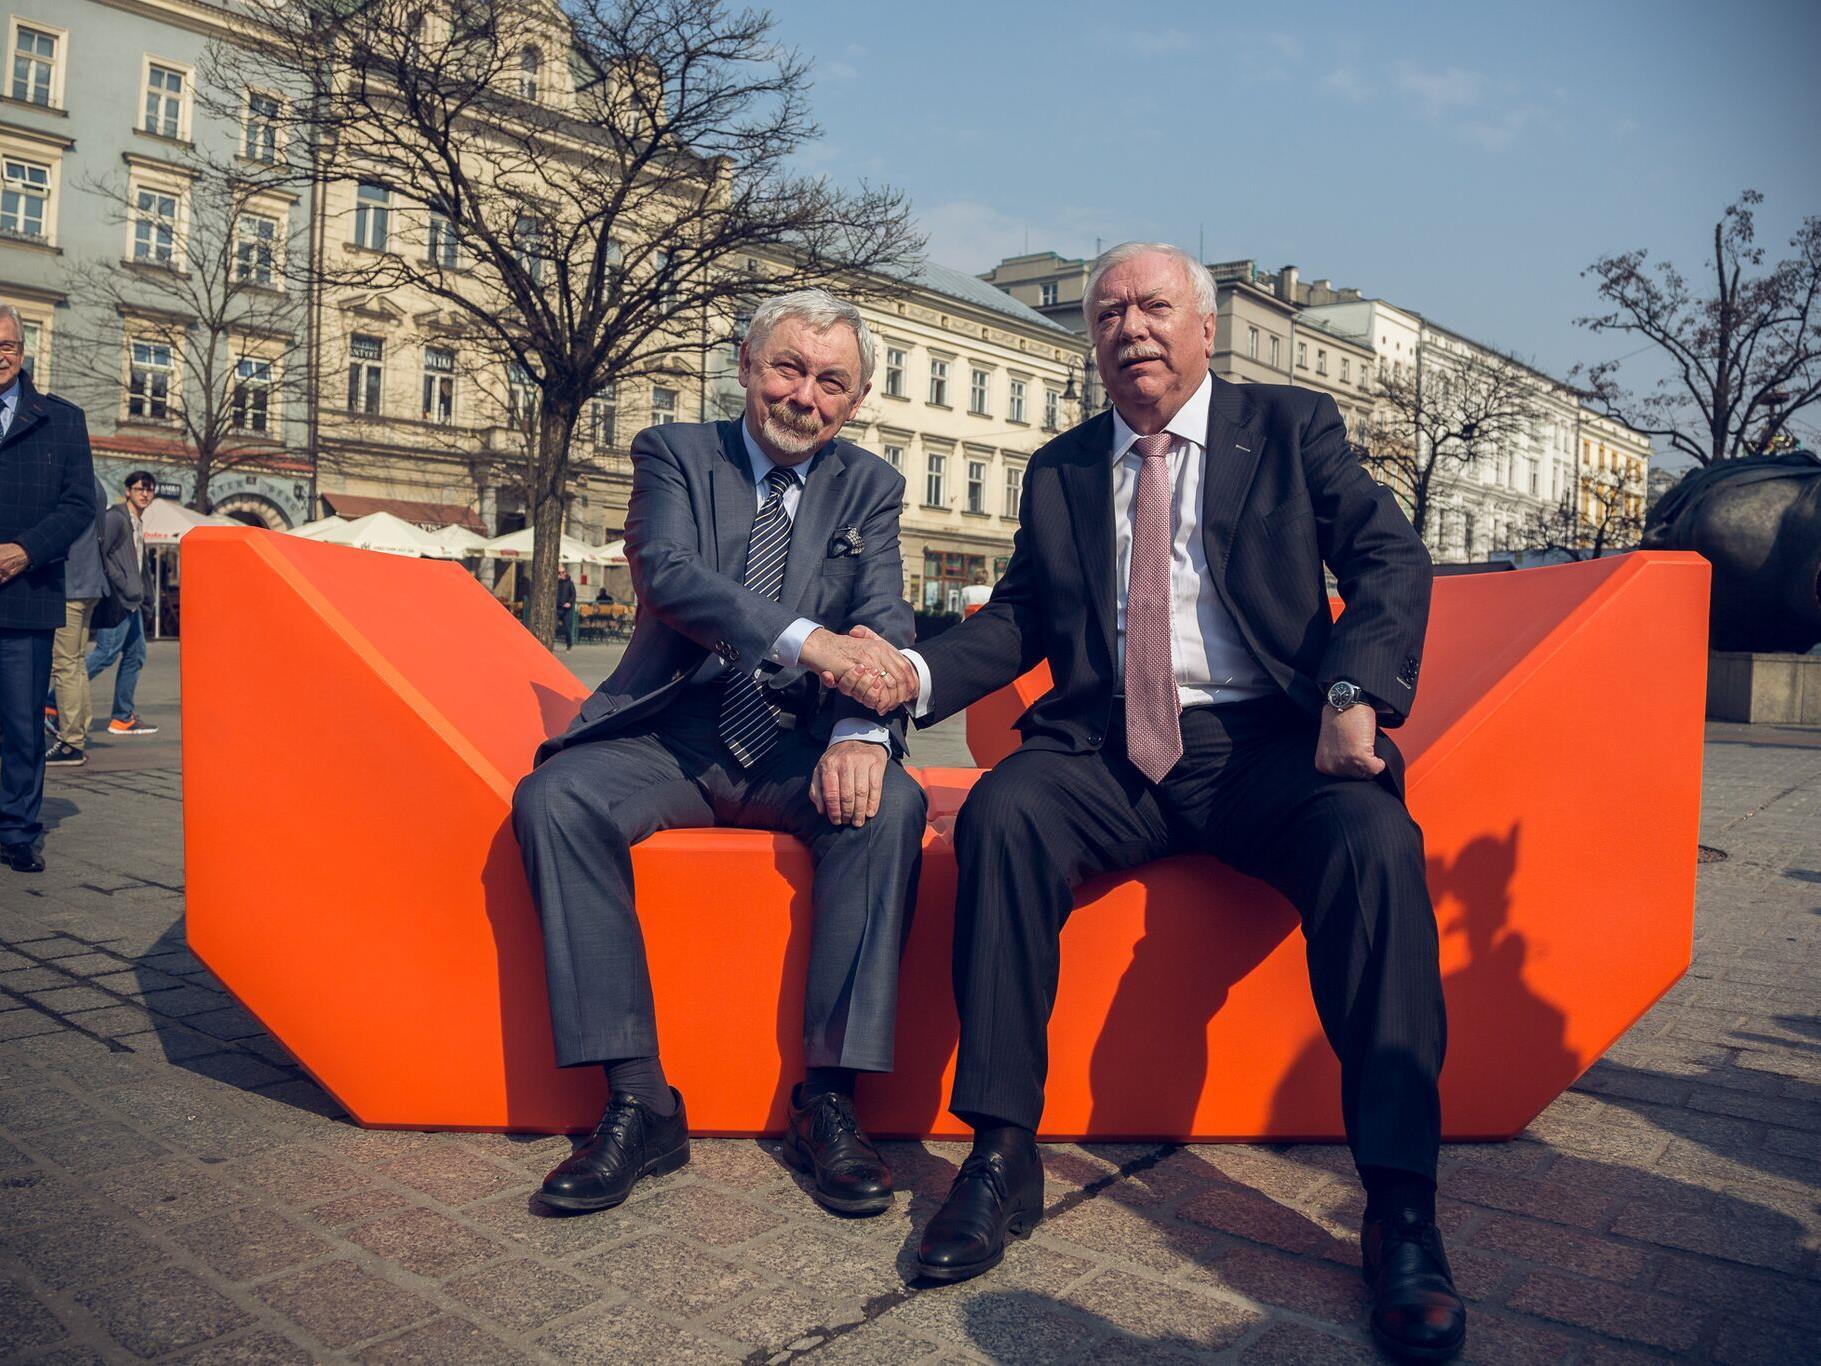 Die Partnerschaft zwischen Wien und Krakau wurde erneuert.